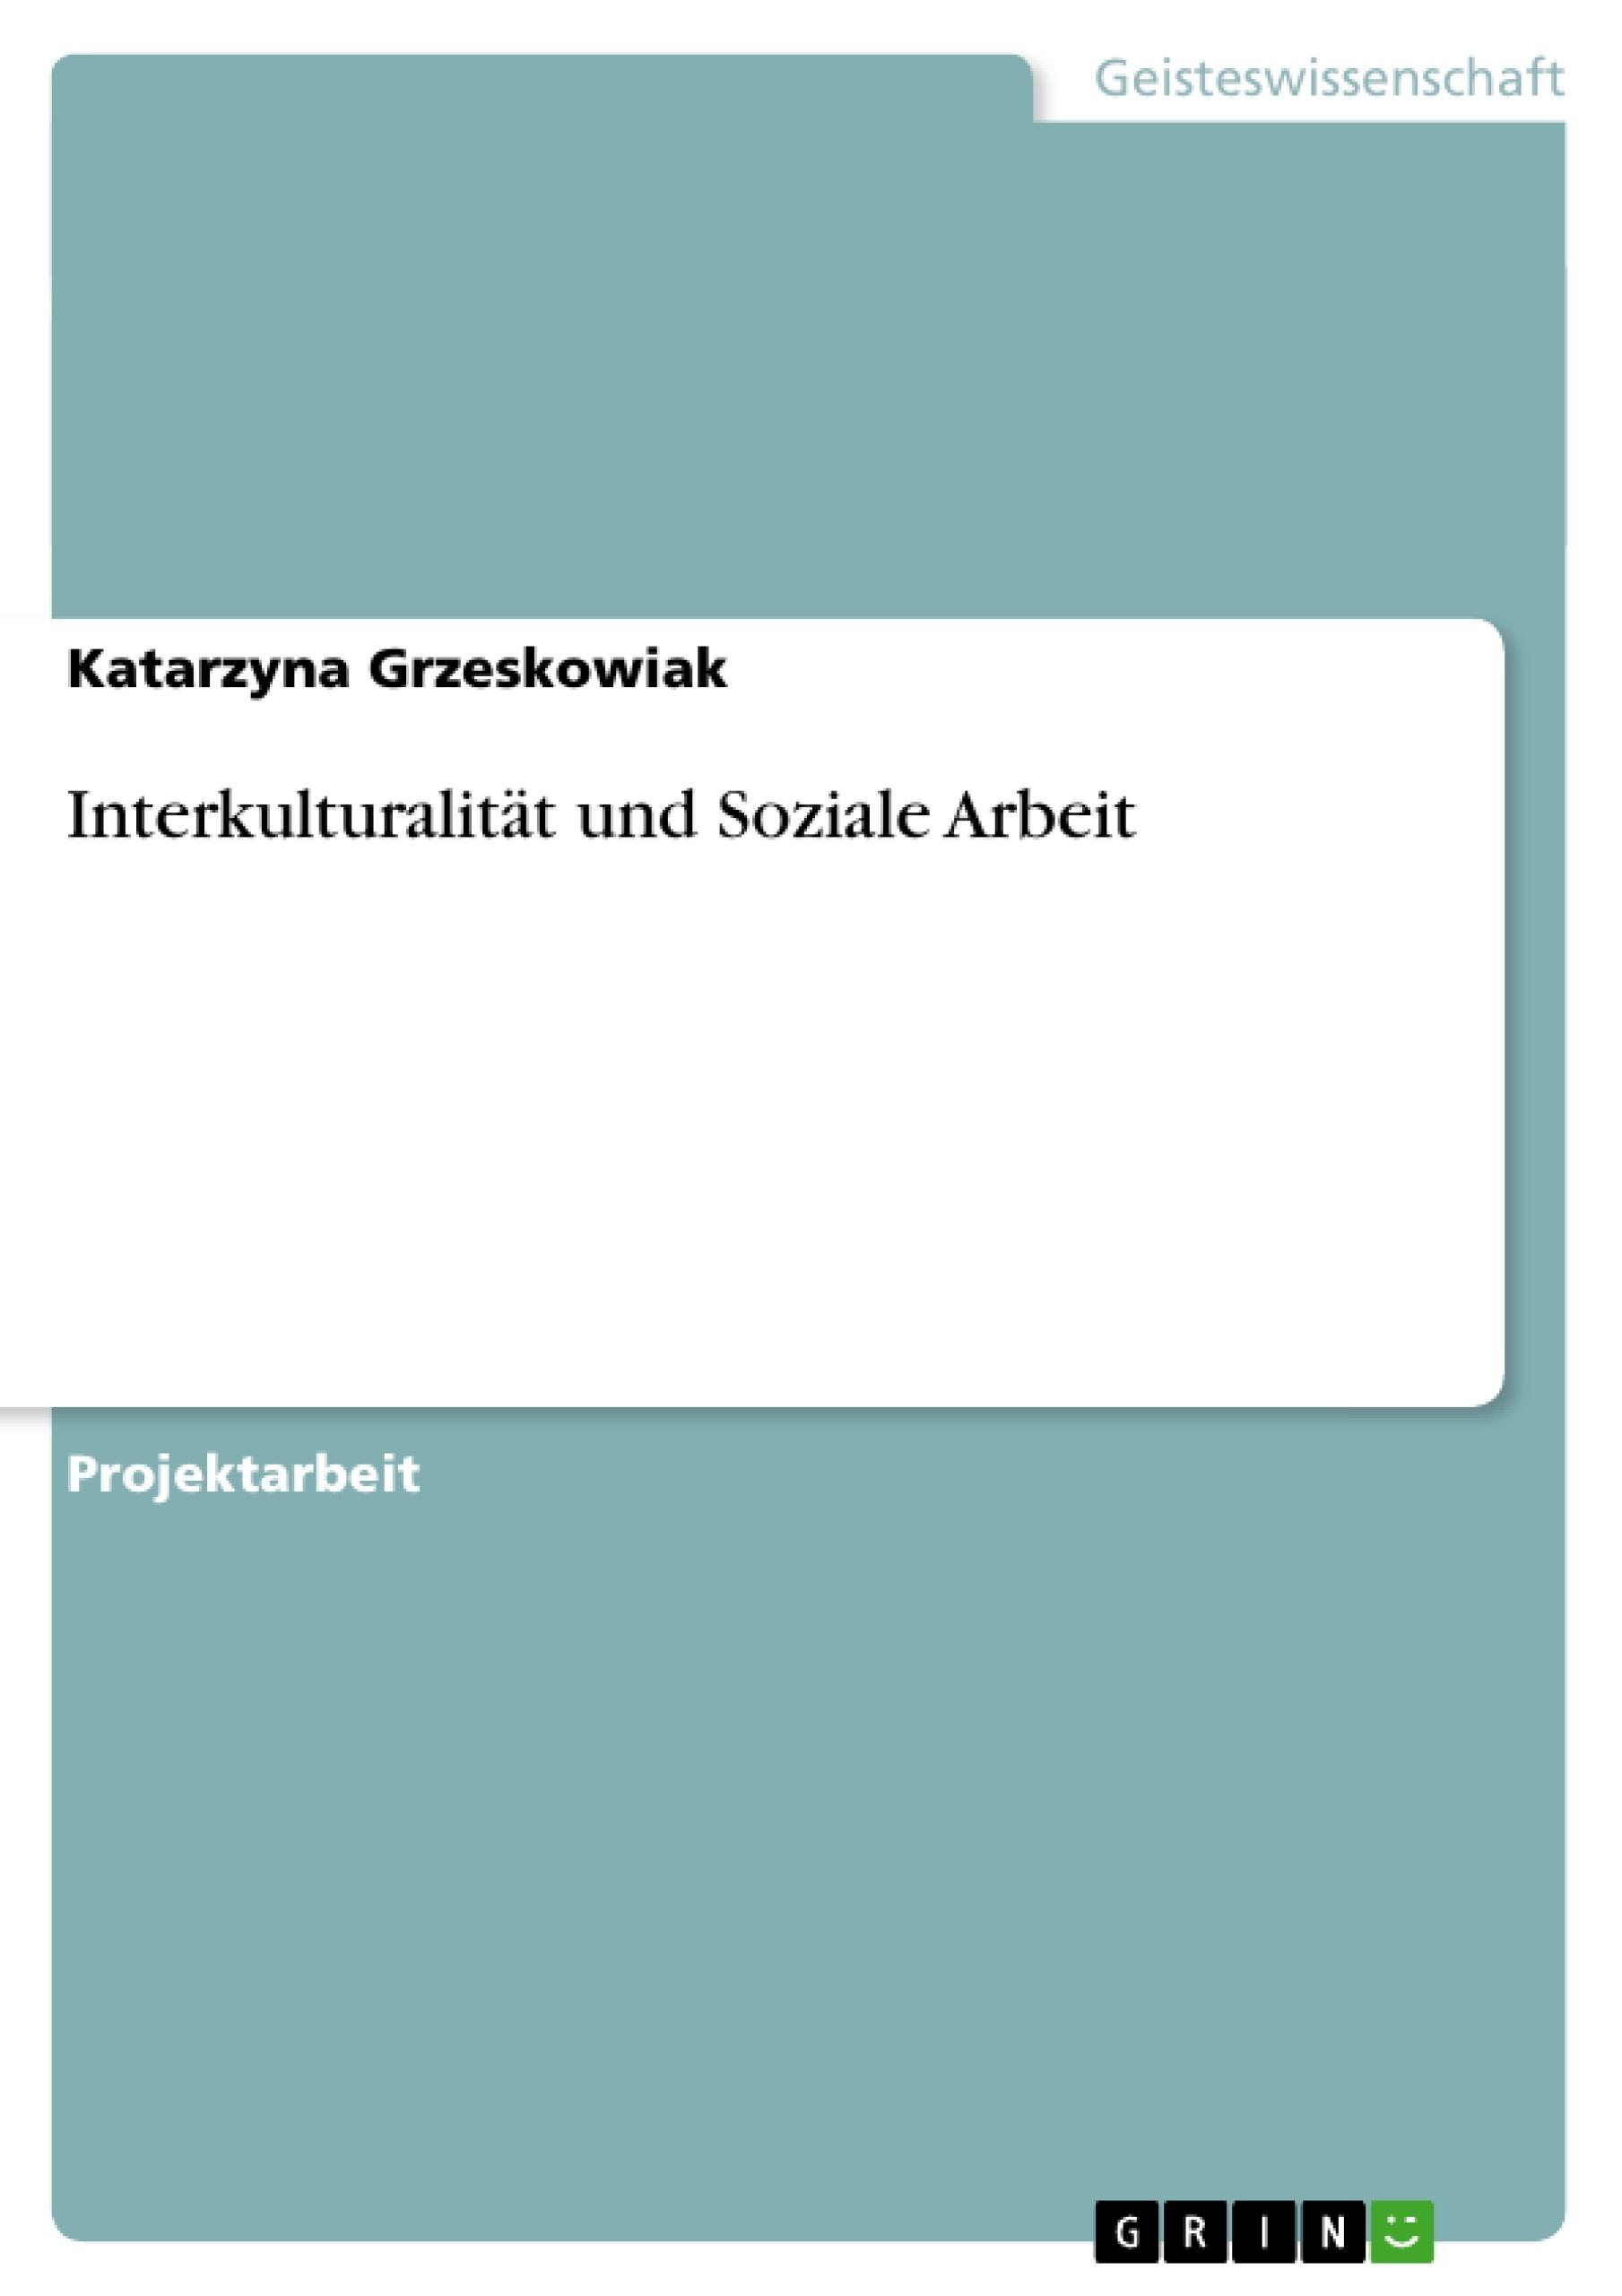 Titel: Interkulturalität und Soziale Arbeit